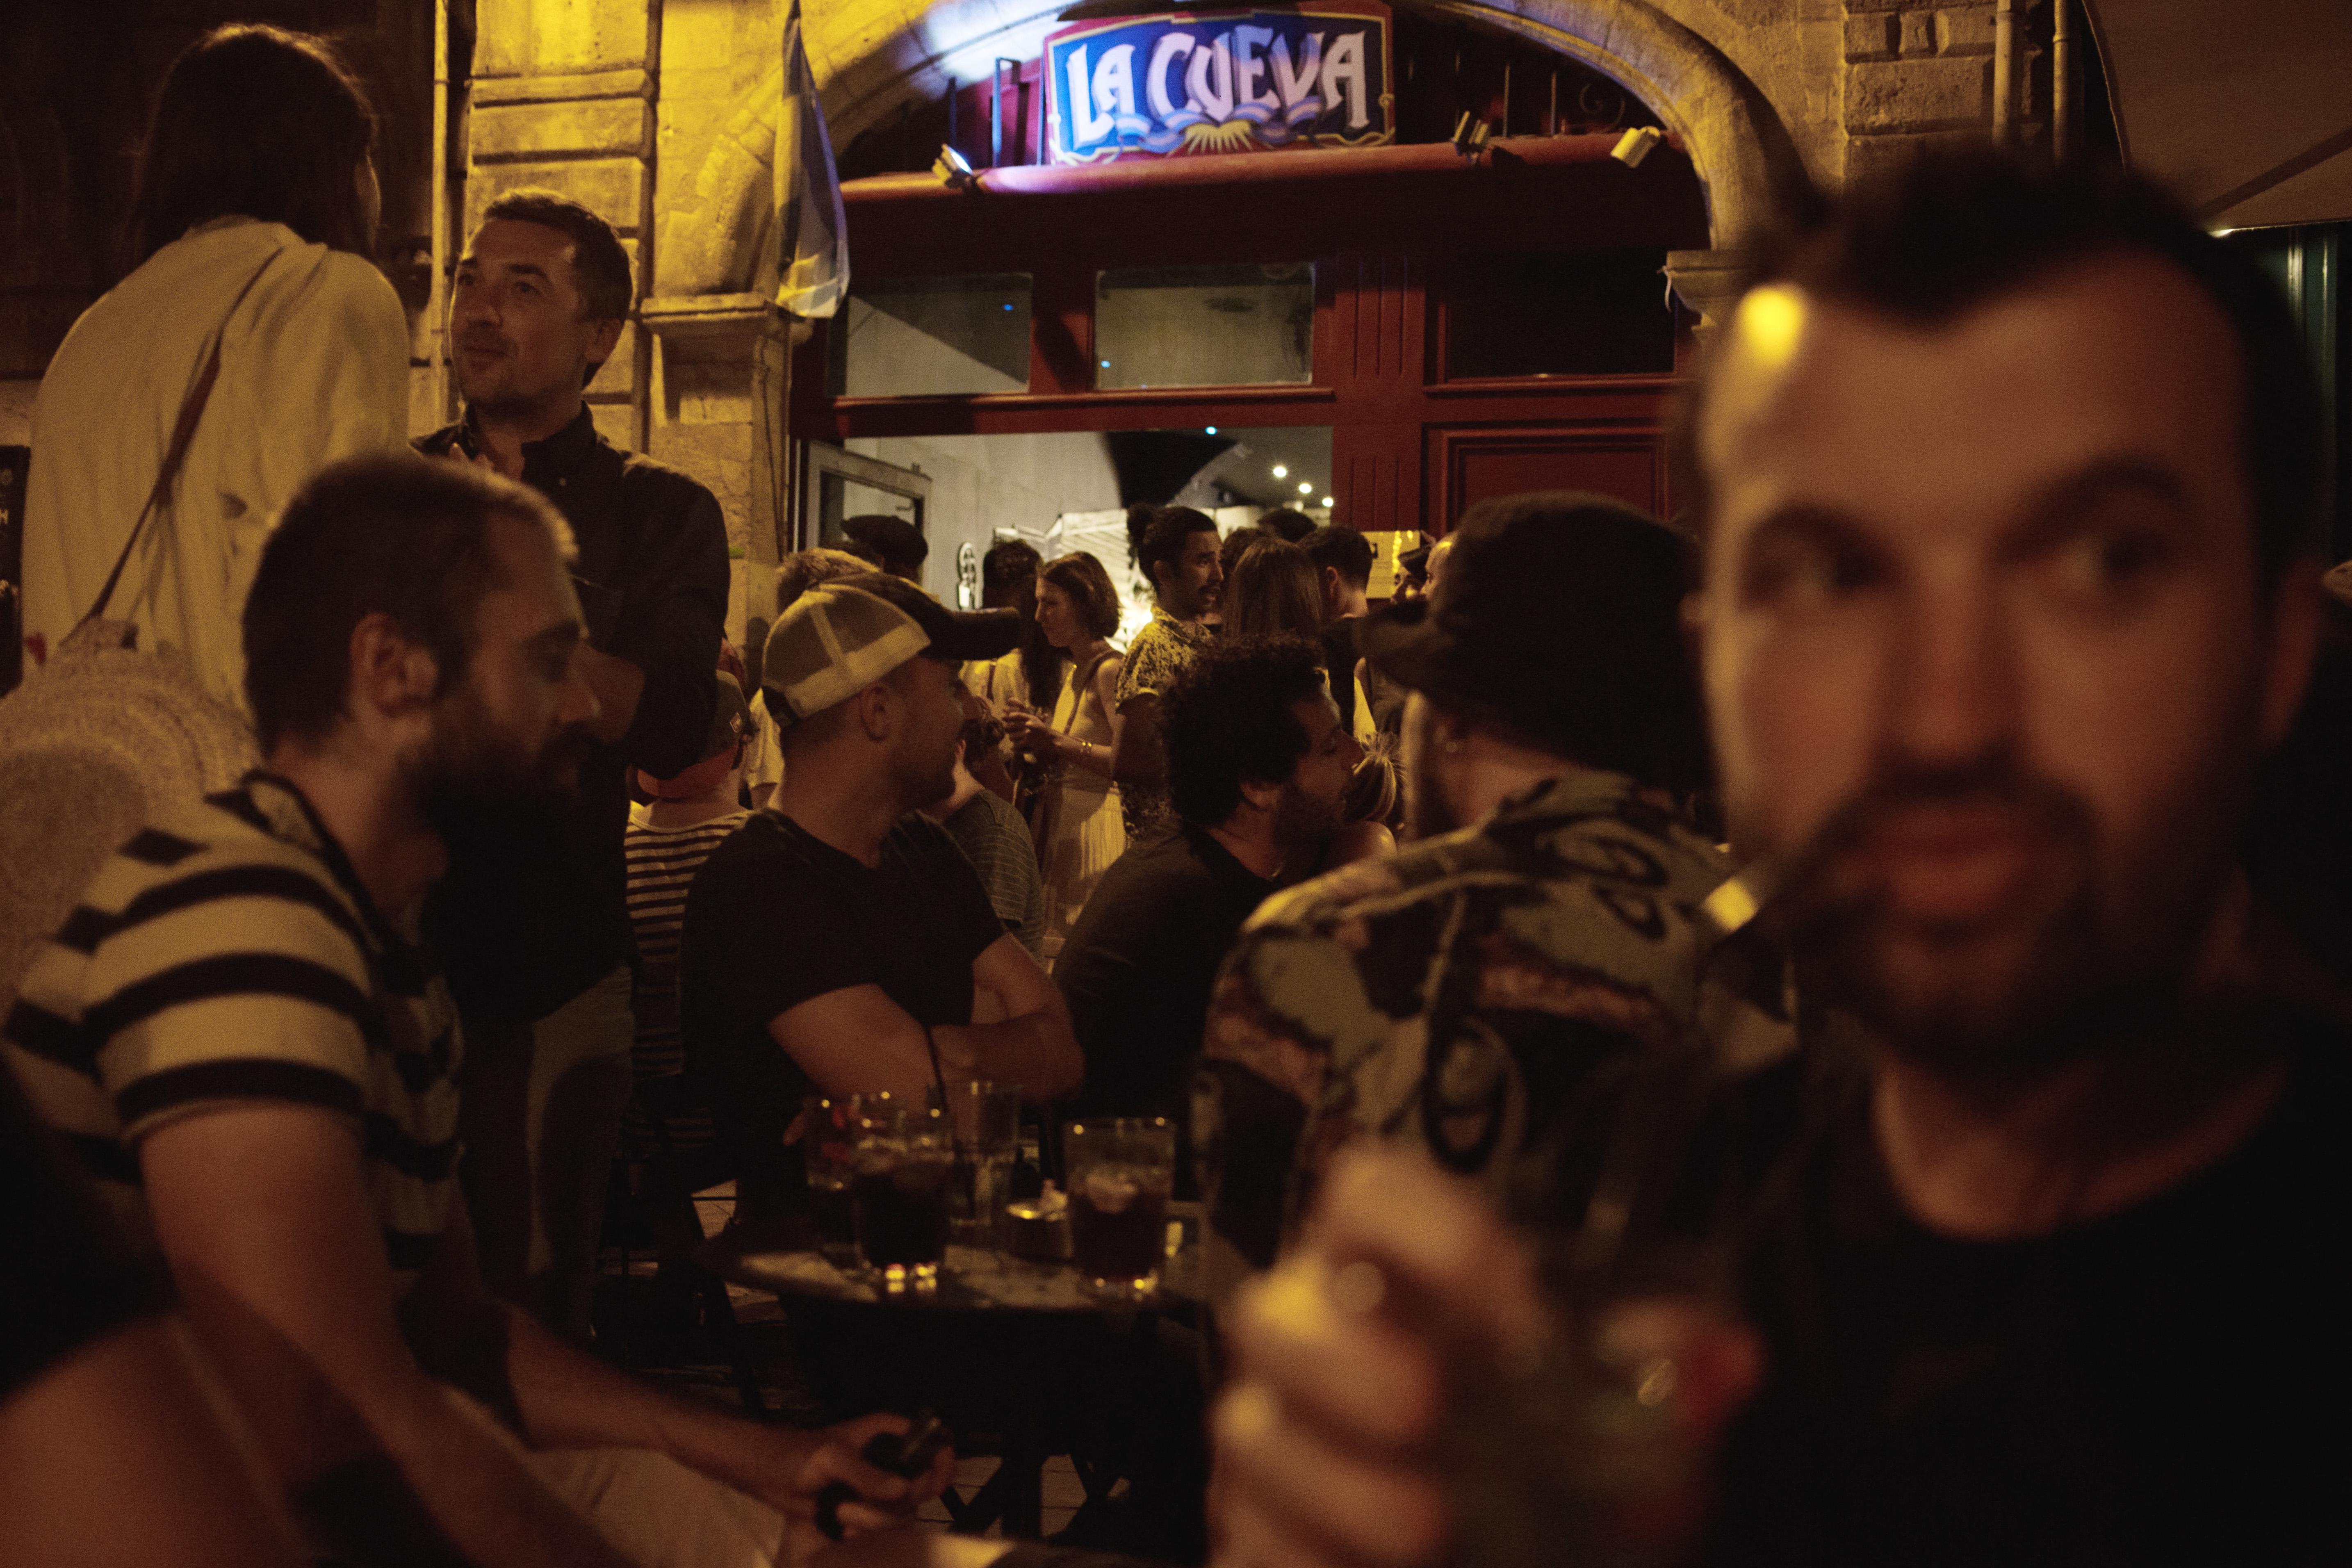 Bebizonyították, hogy részegen nehéz távolságot tartani egymástól